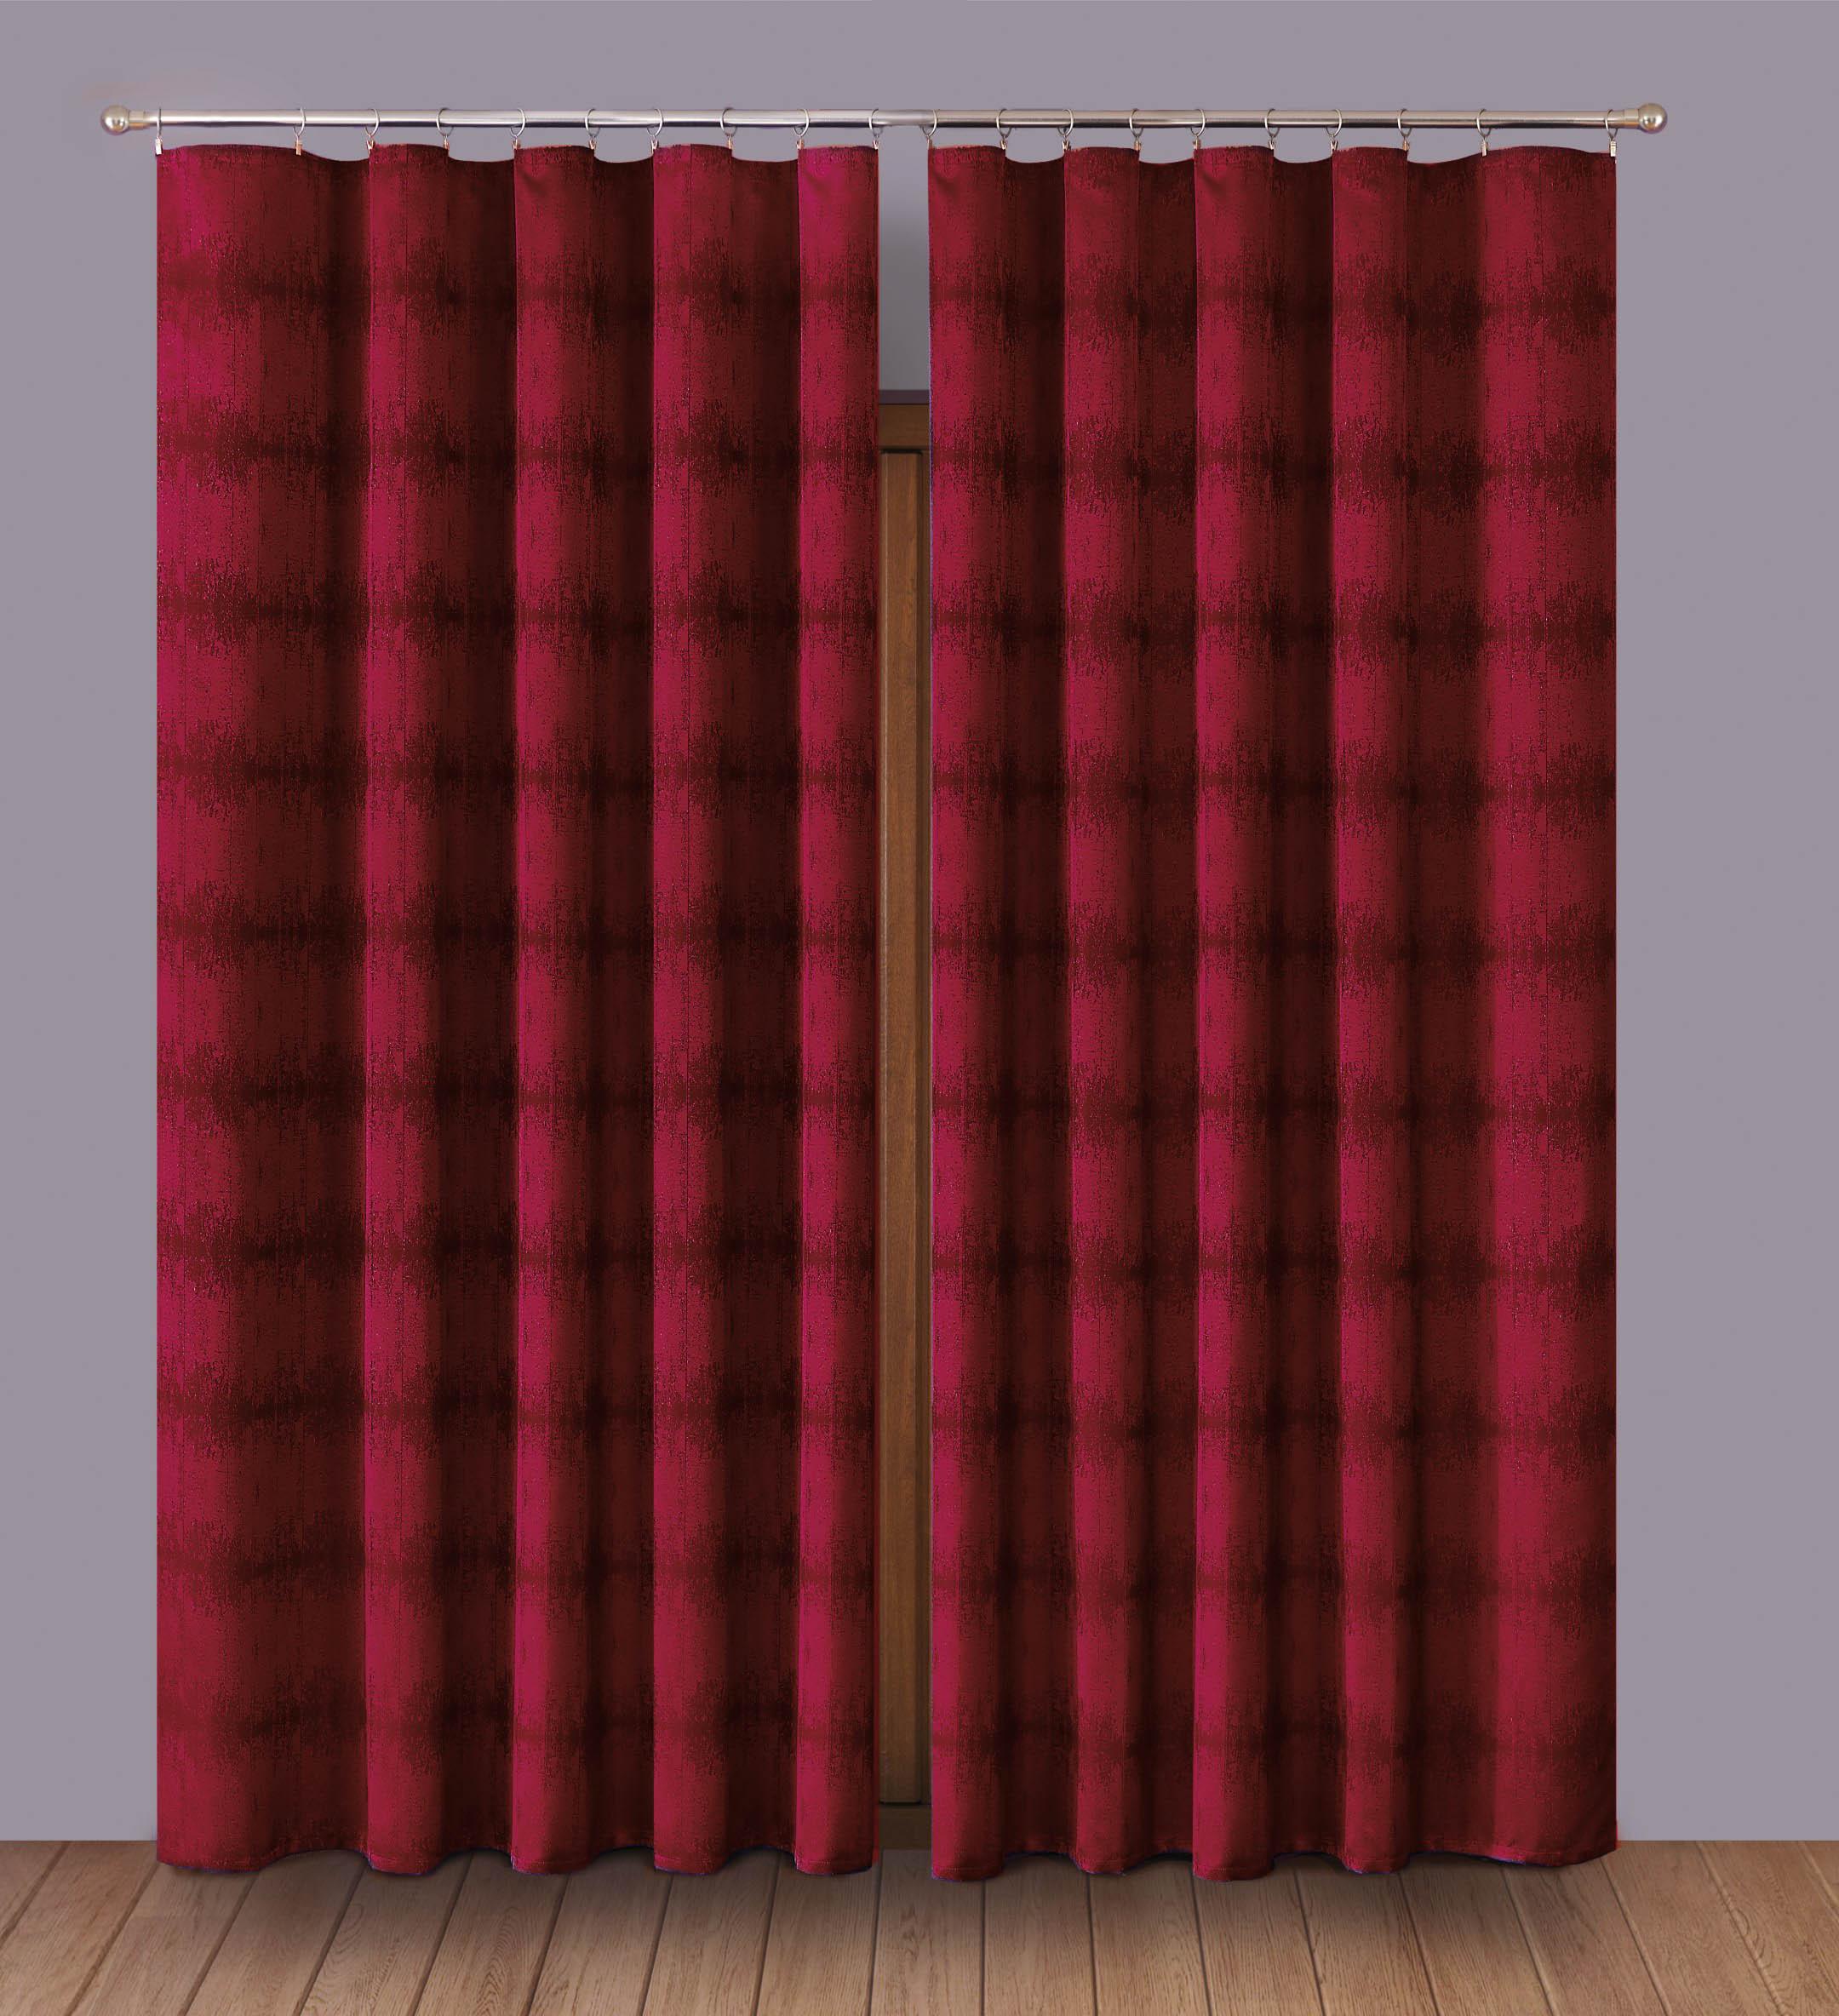 Шторы Primavera Классические шторы Caroline Цвет: Бордовый шторы primavera классические шторы caroline цвет сиреневый